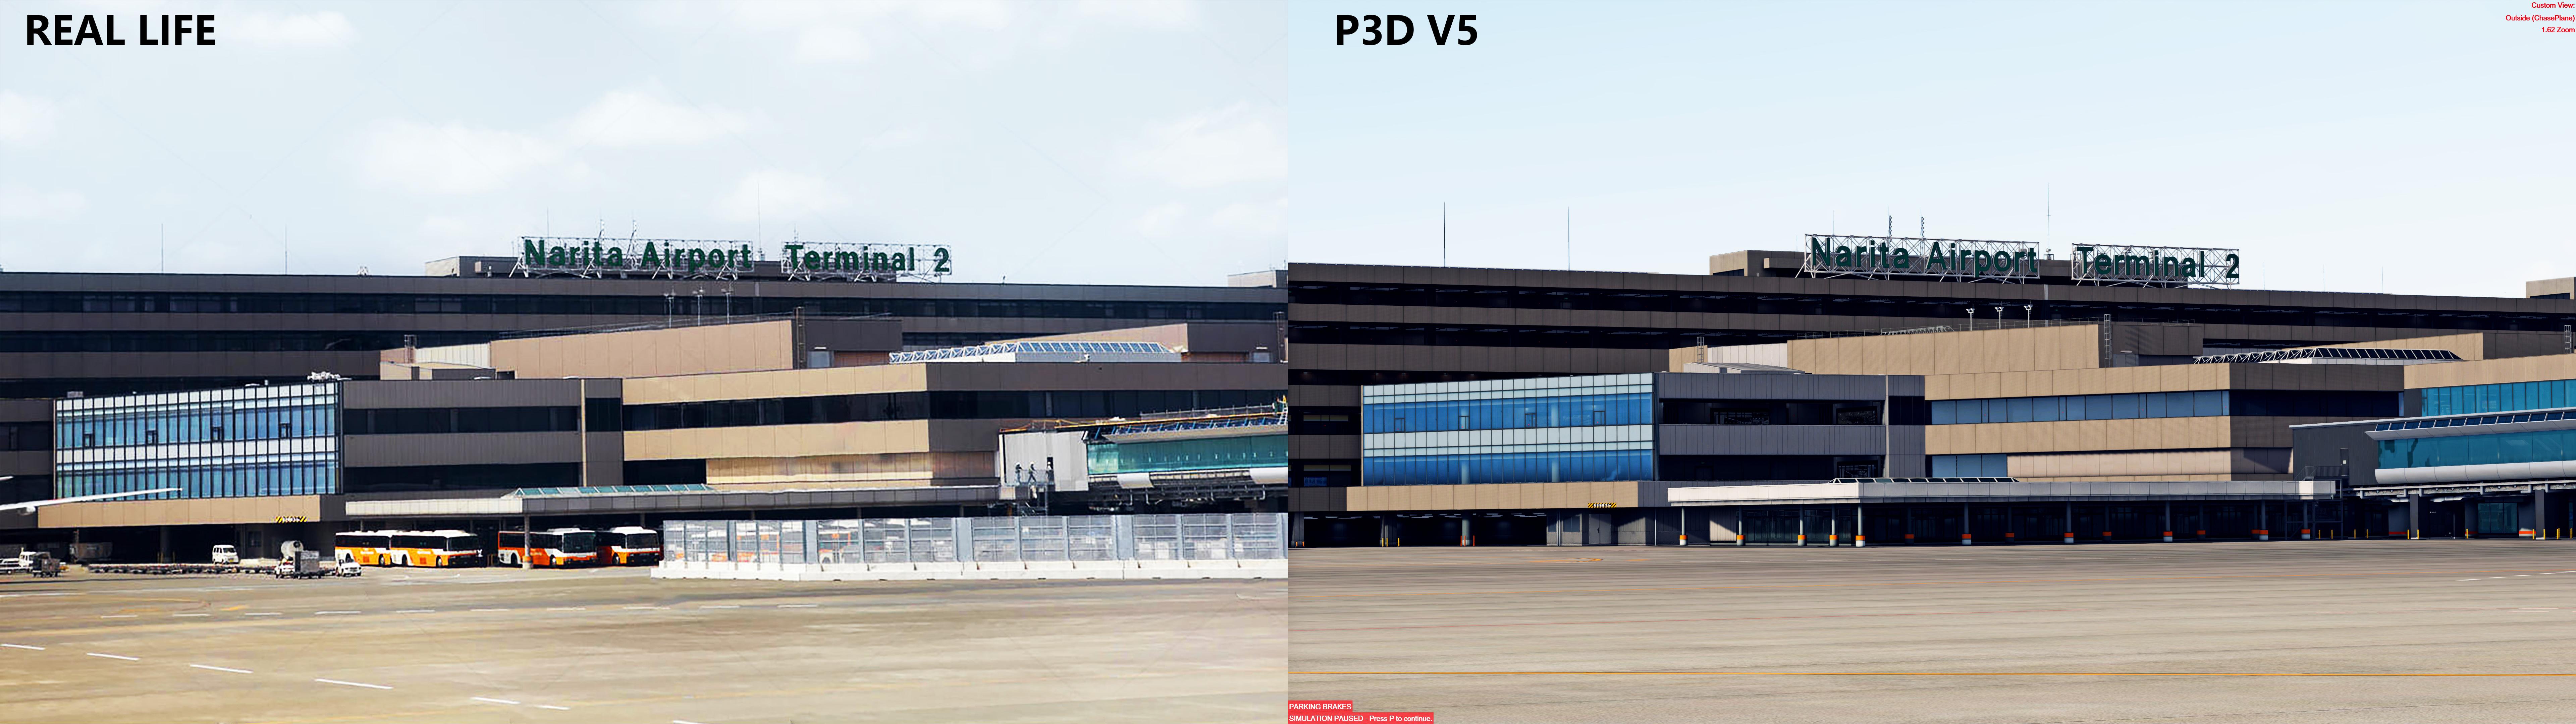 DB1.jpg